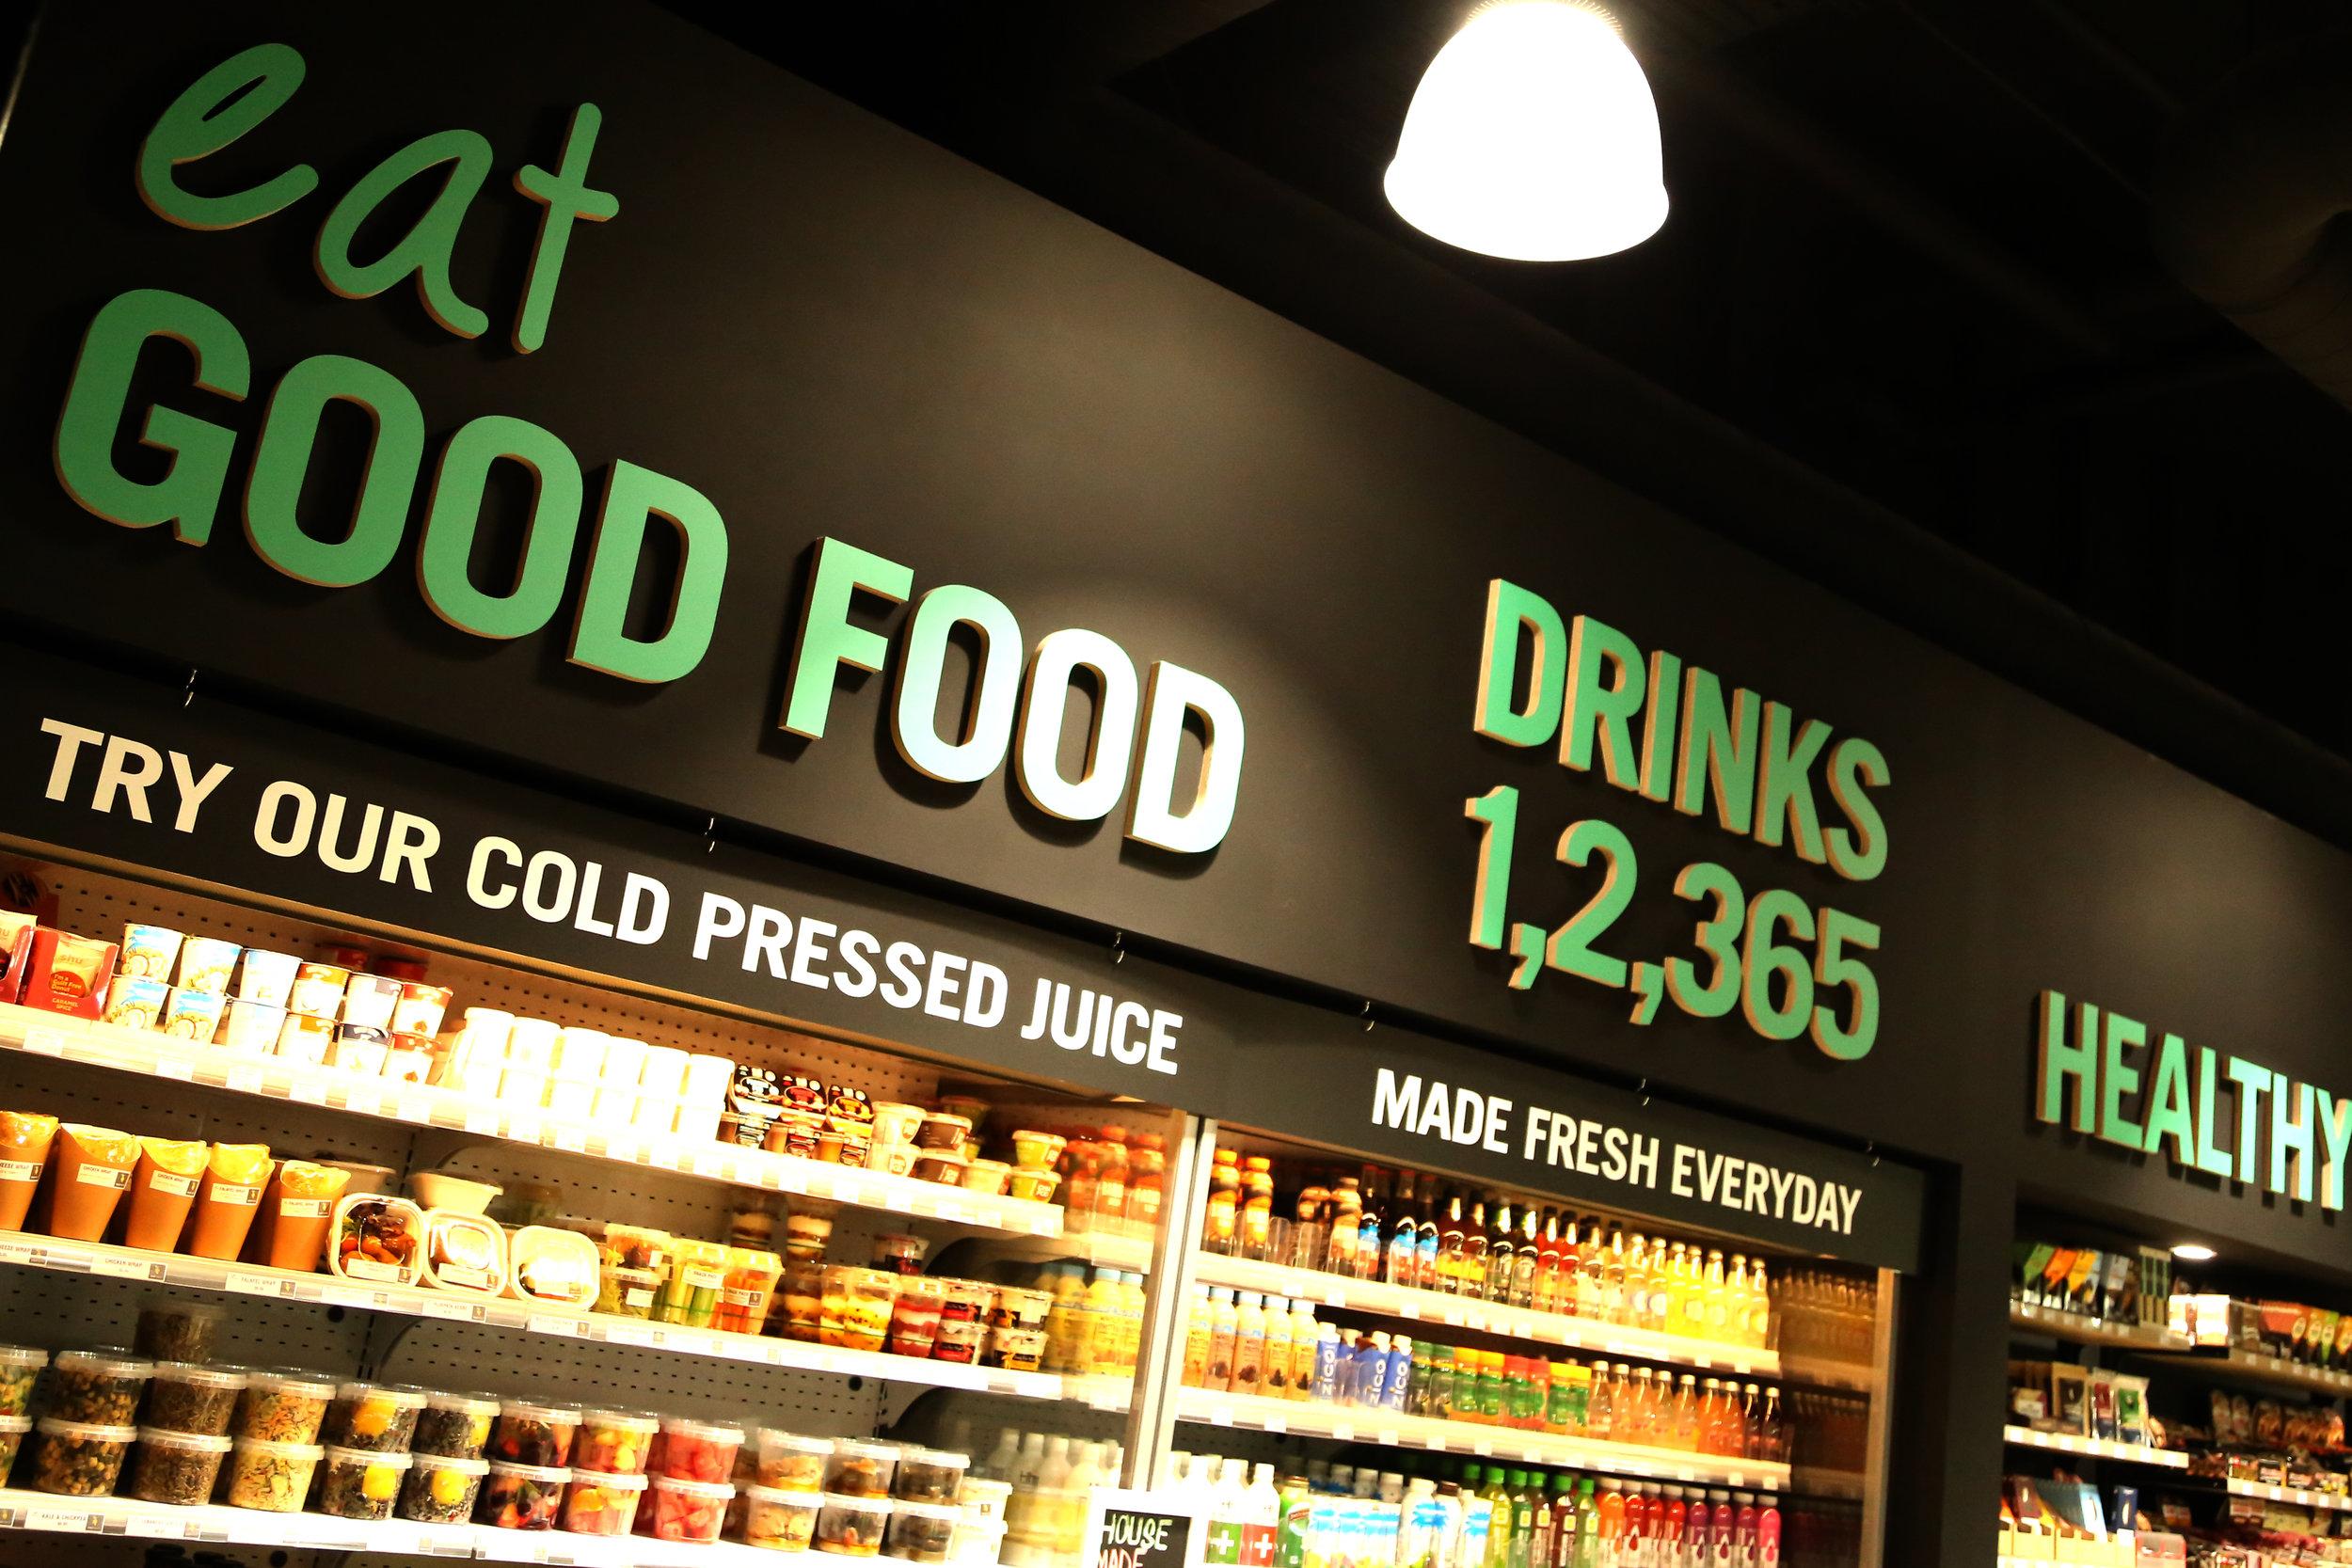 365 Foodstore 4.jpg